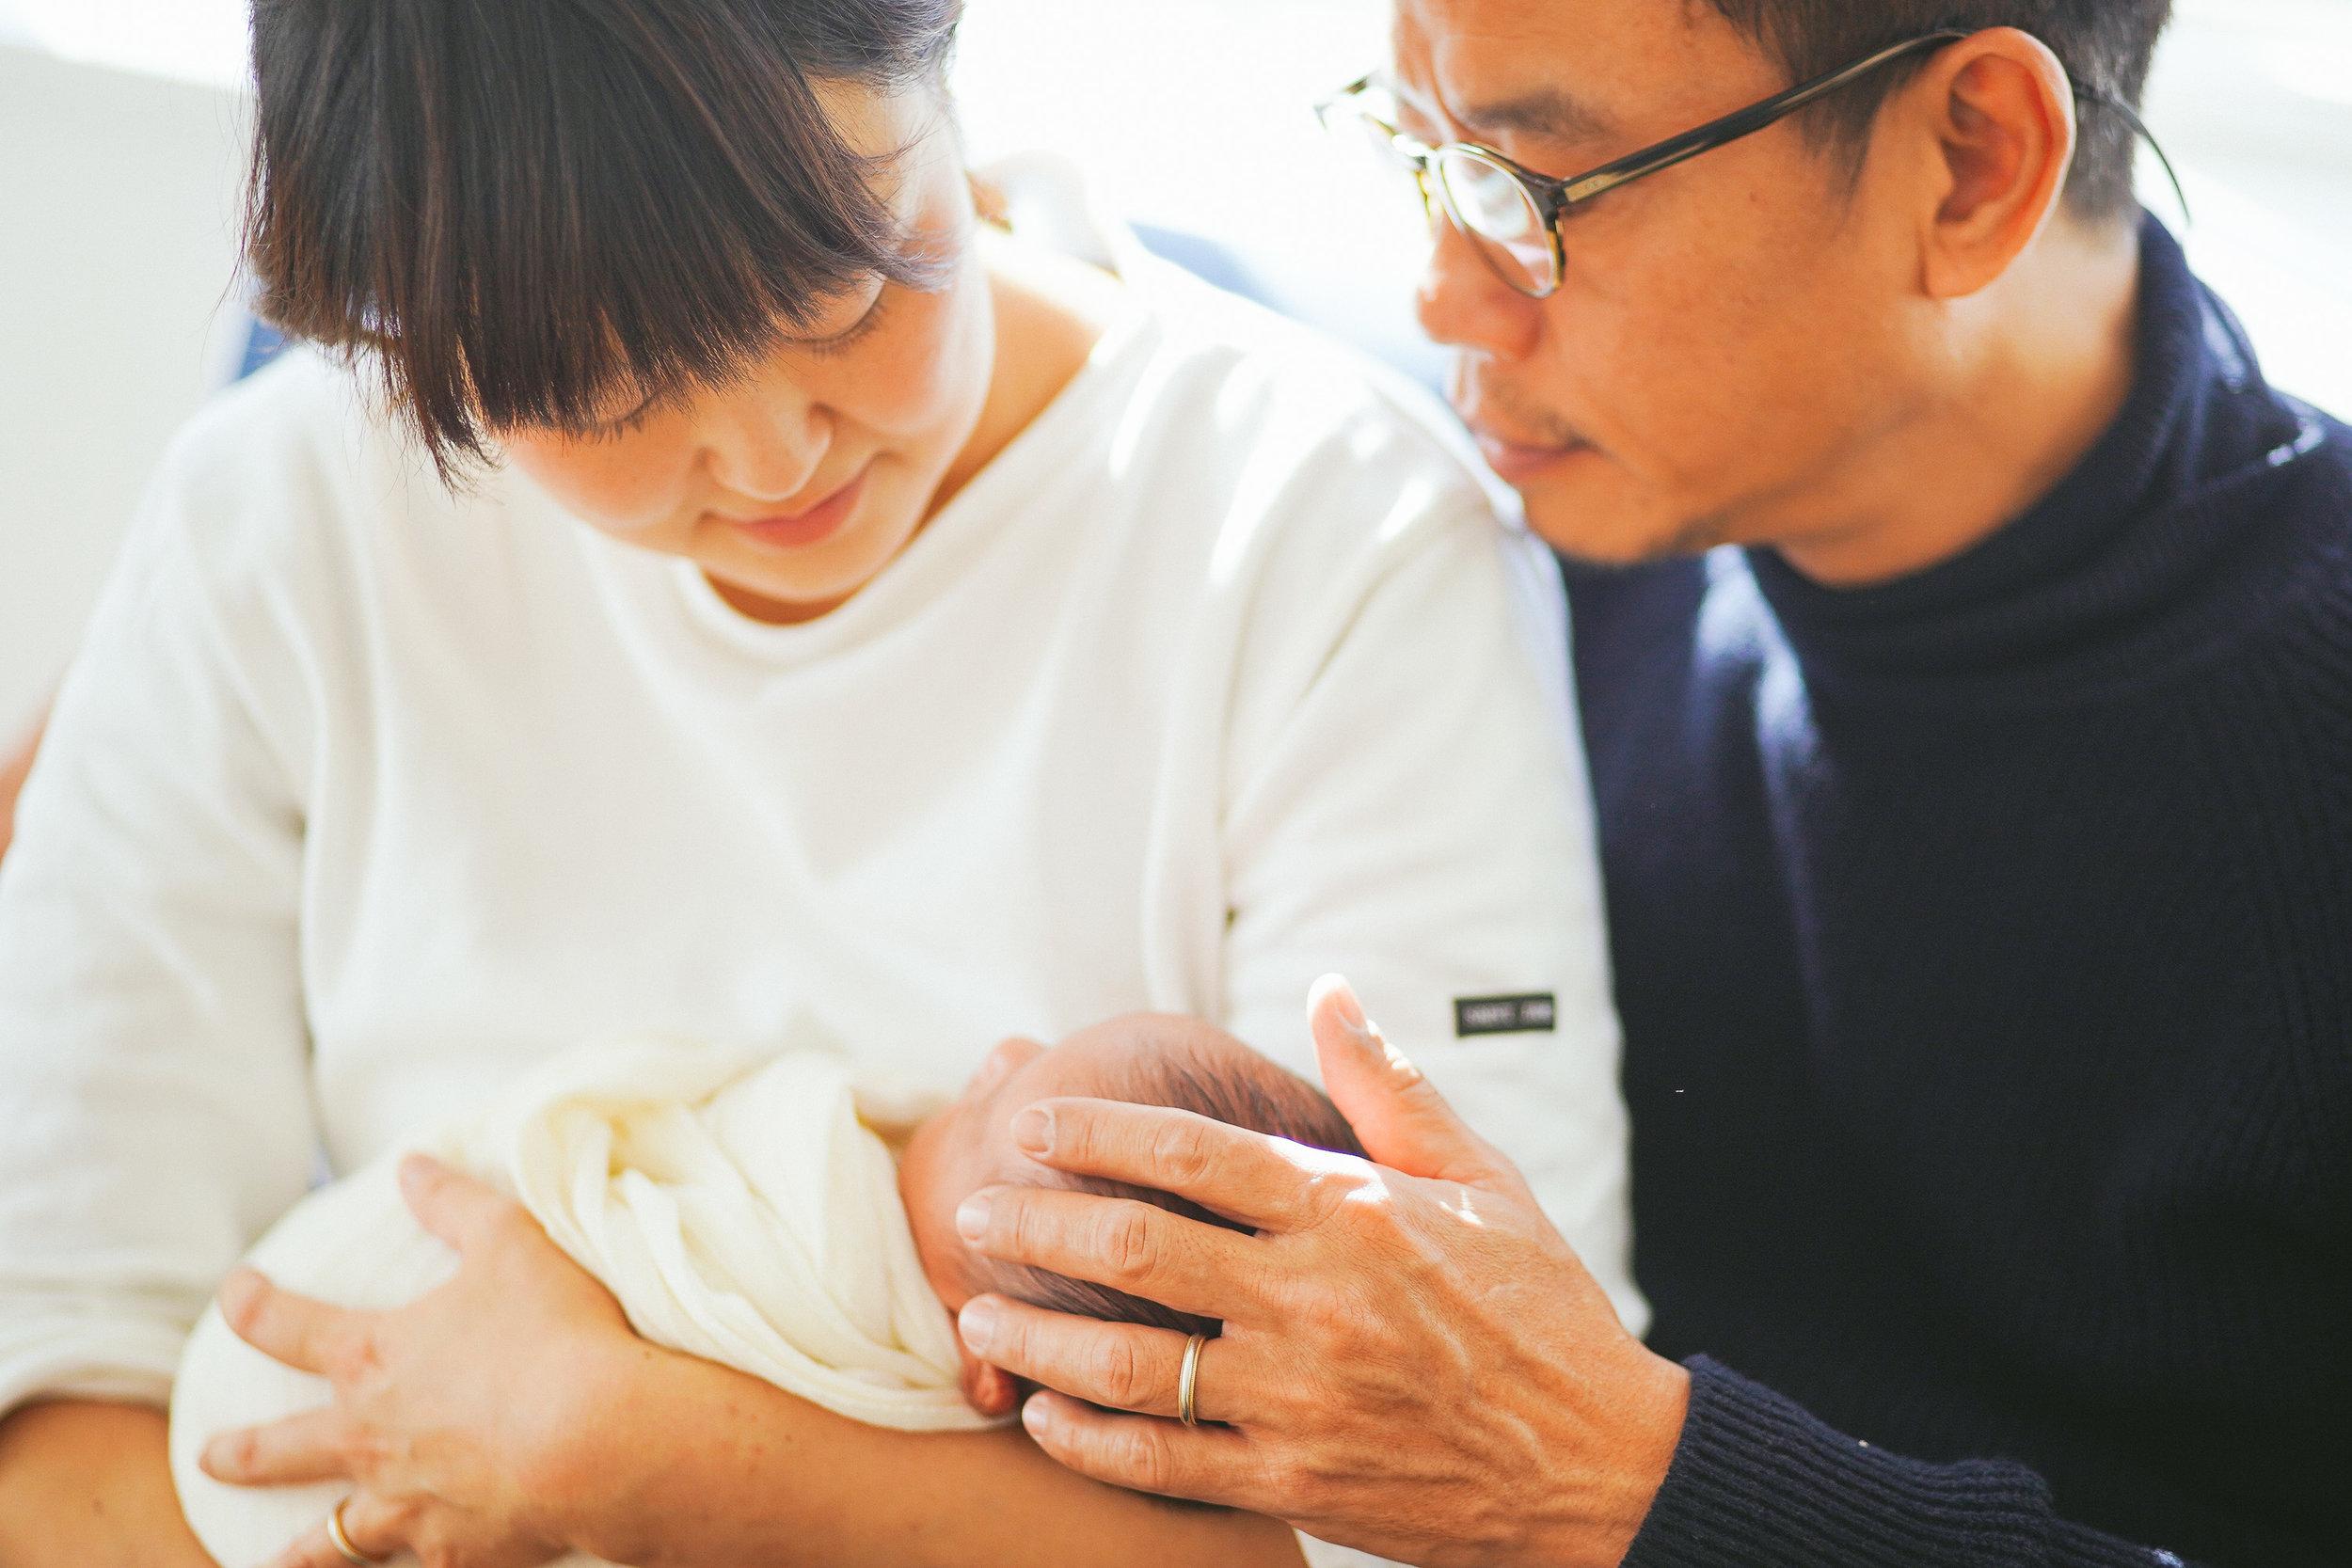 181214_newborn_0025.jpg